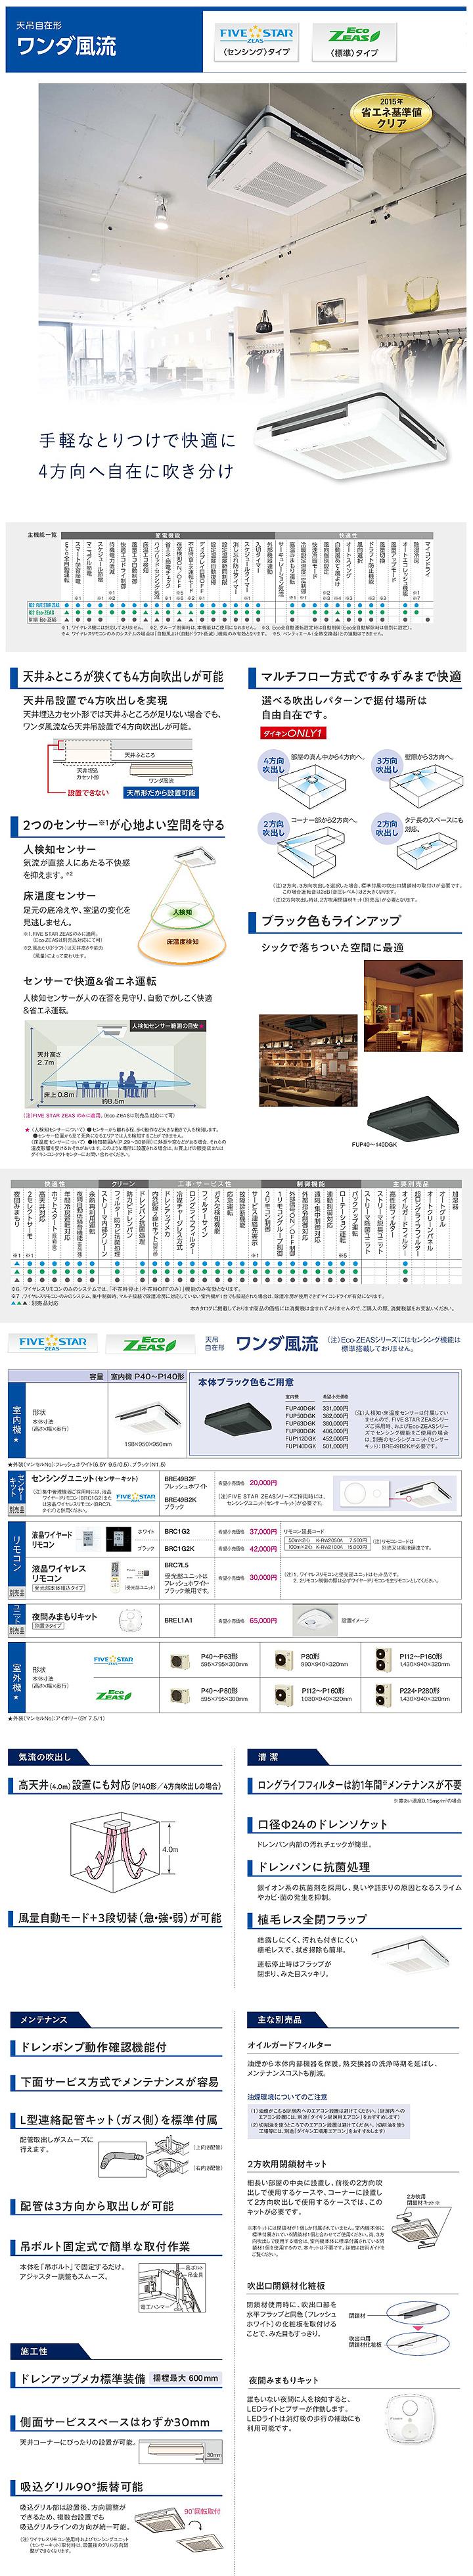 ダイキン SSRU160BCND 業務用エアコン